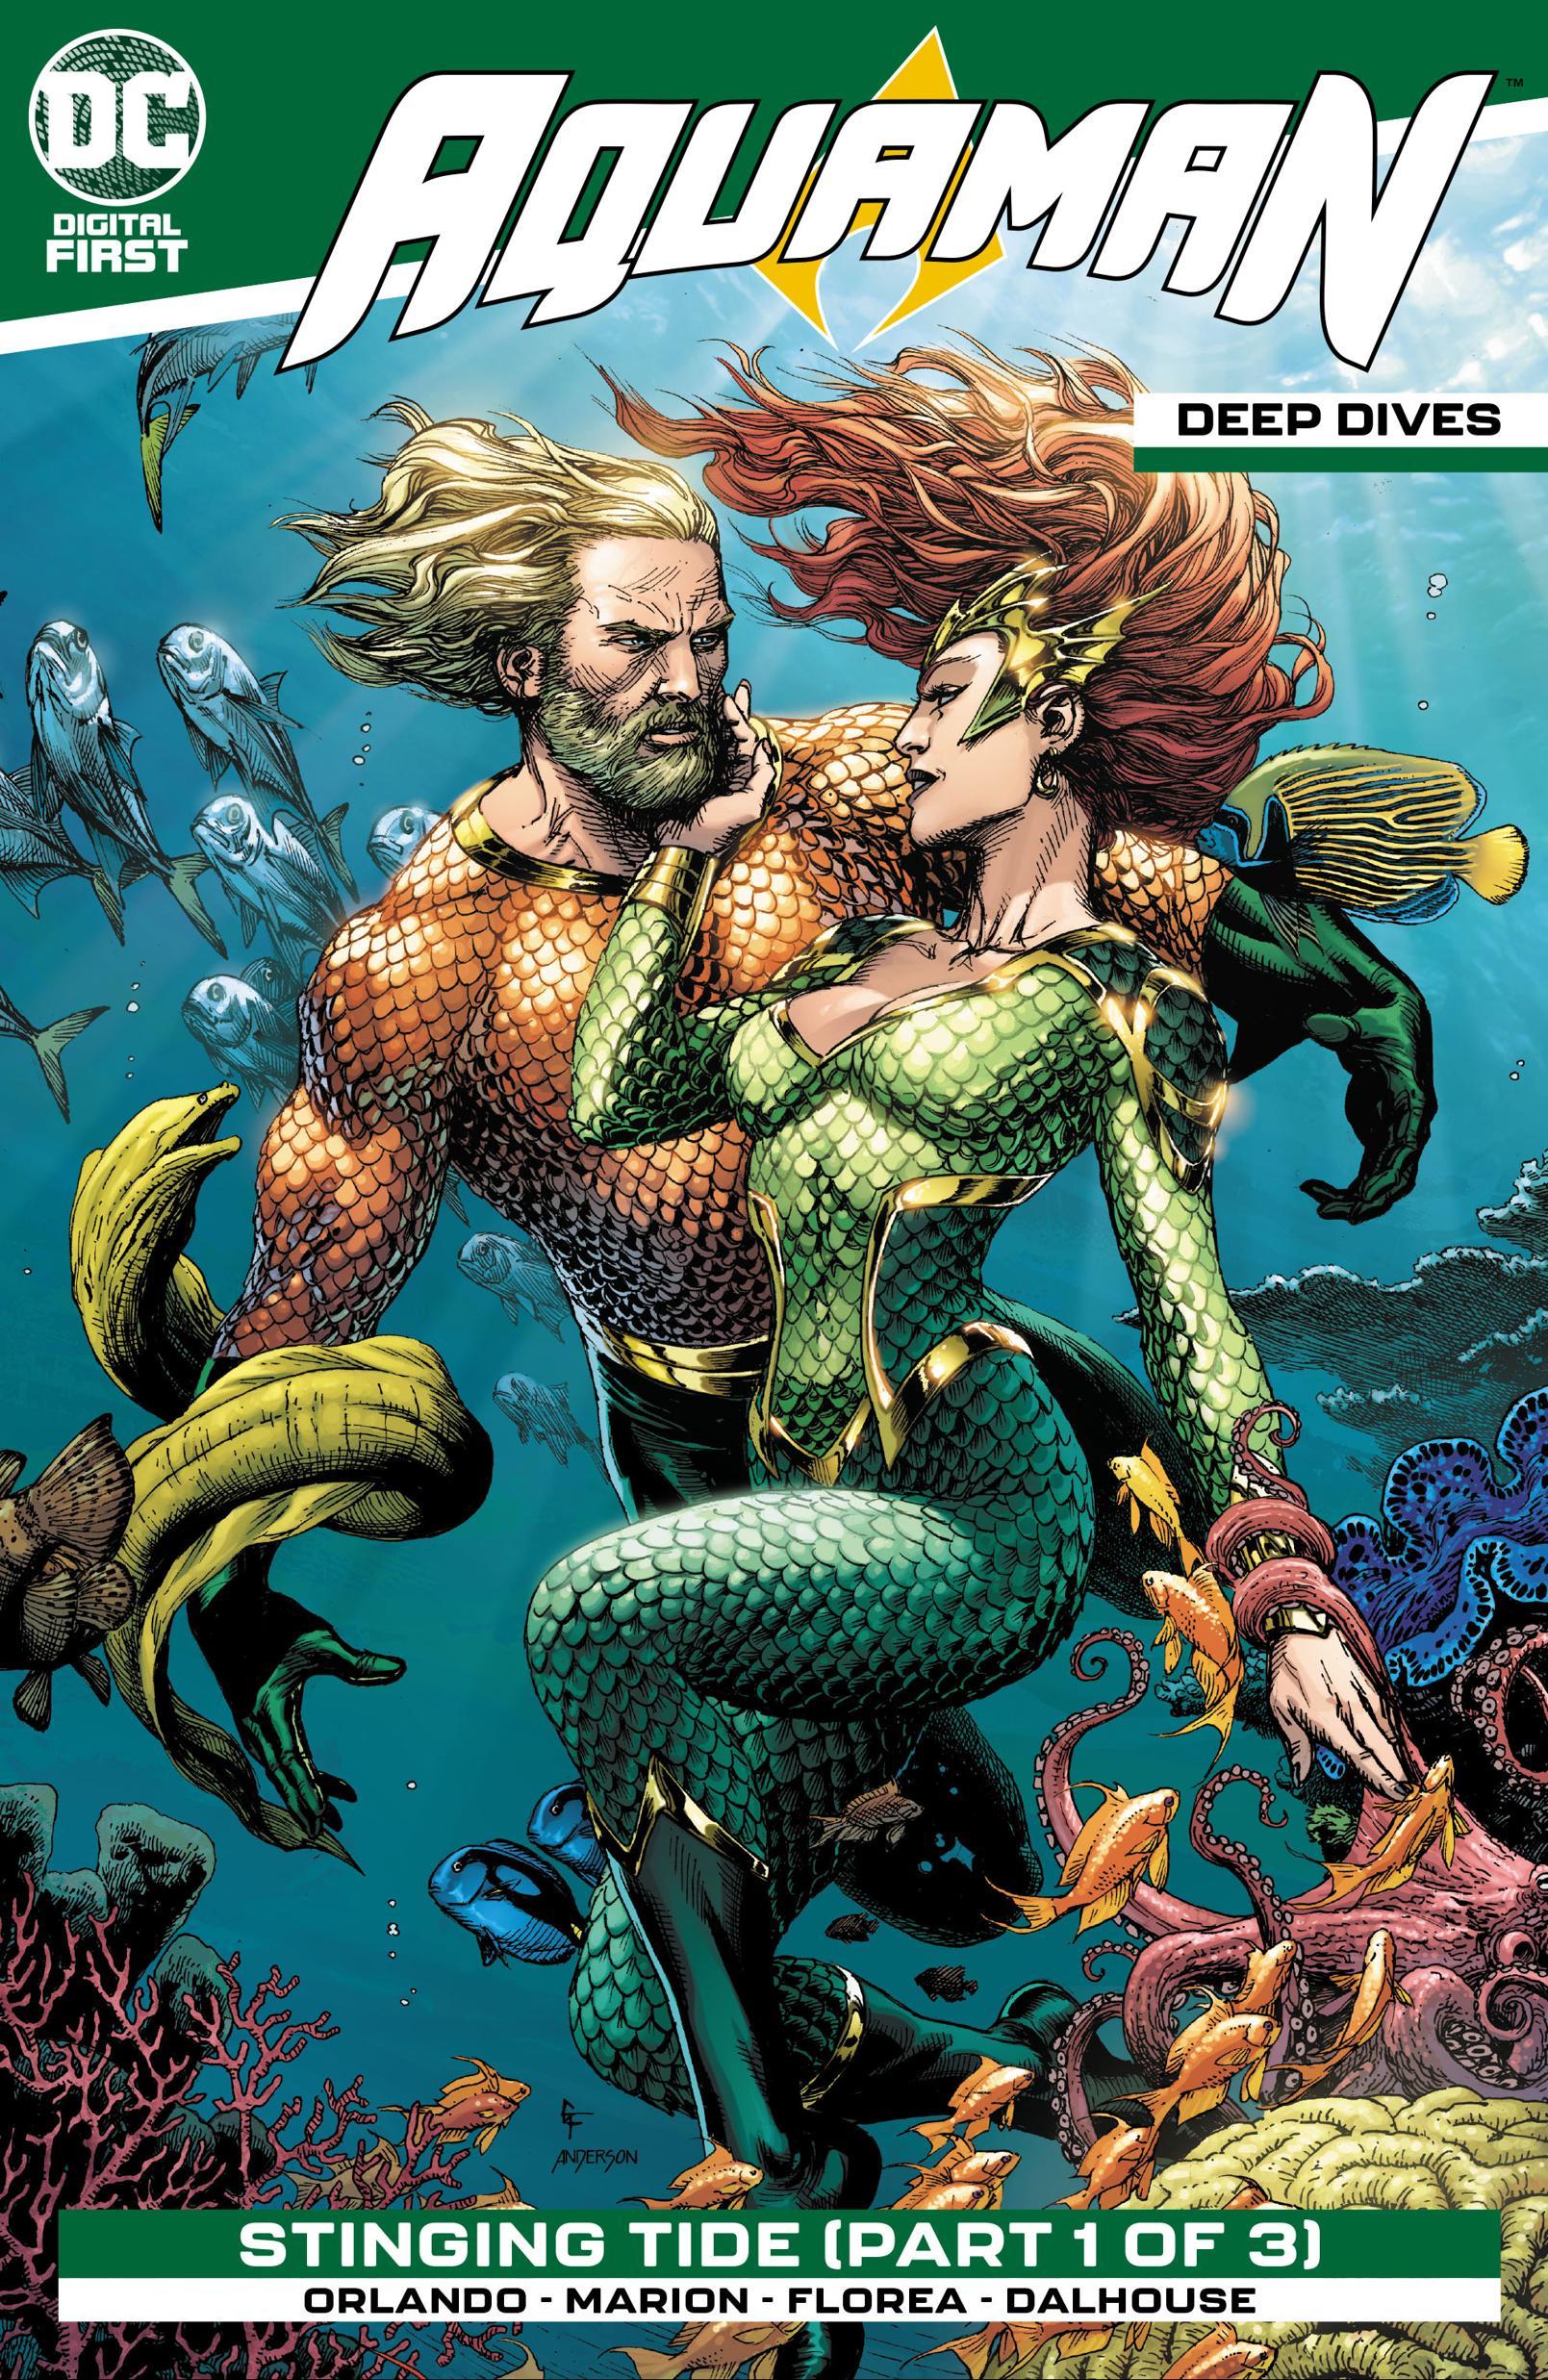 Aquaman-Deep Dives 005 2020 Digital